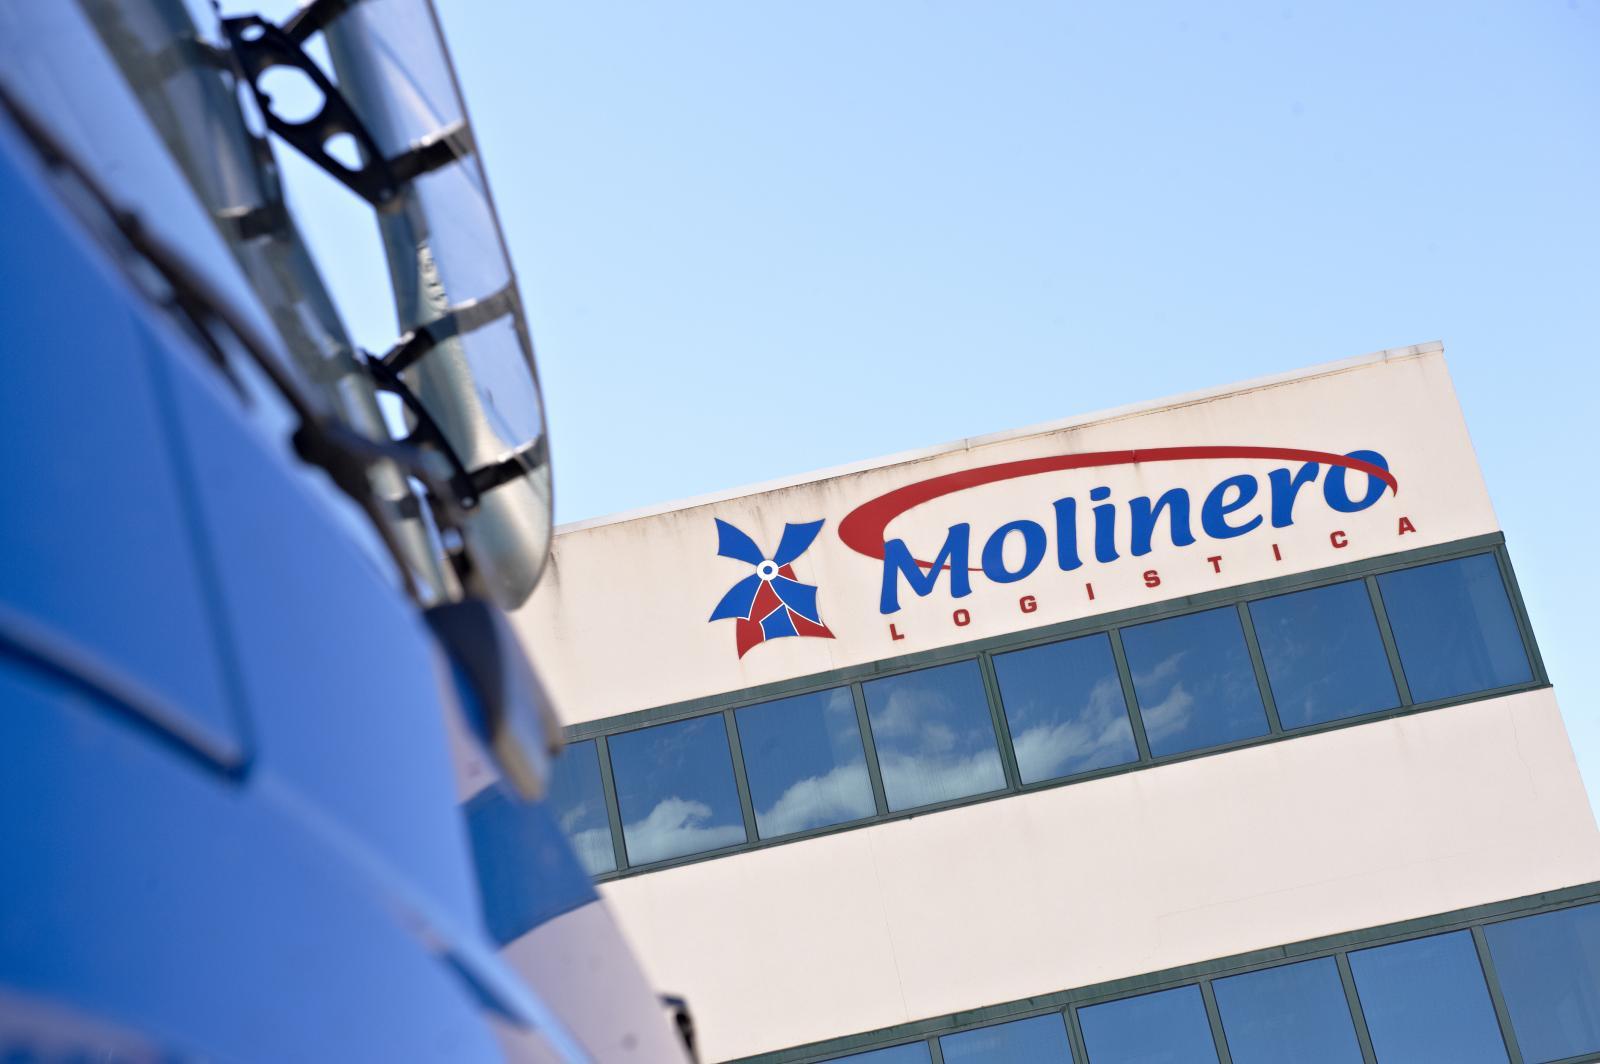 Molinero Logística convierte a Ólvega en la mayor plataforma logística de congelado de España.